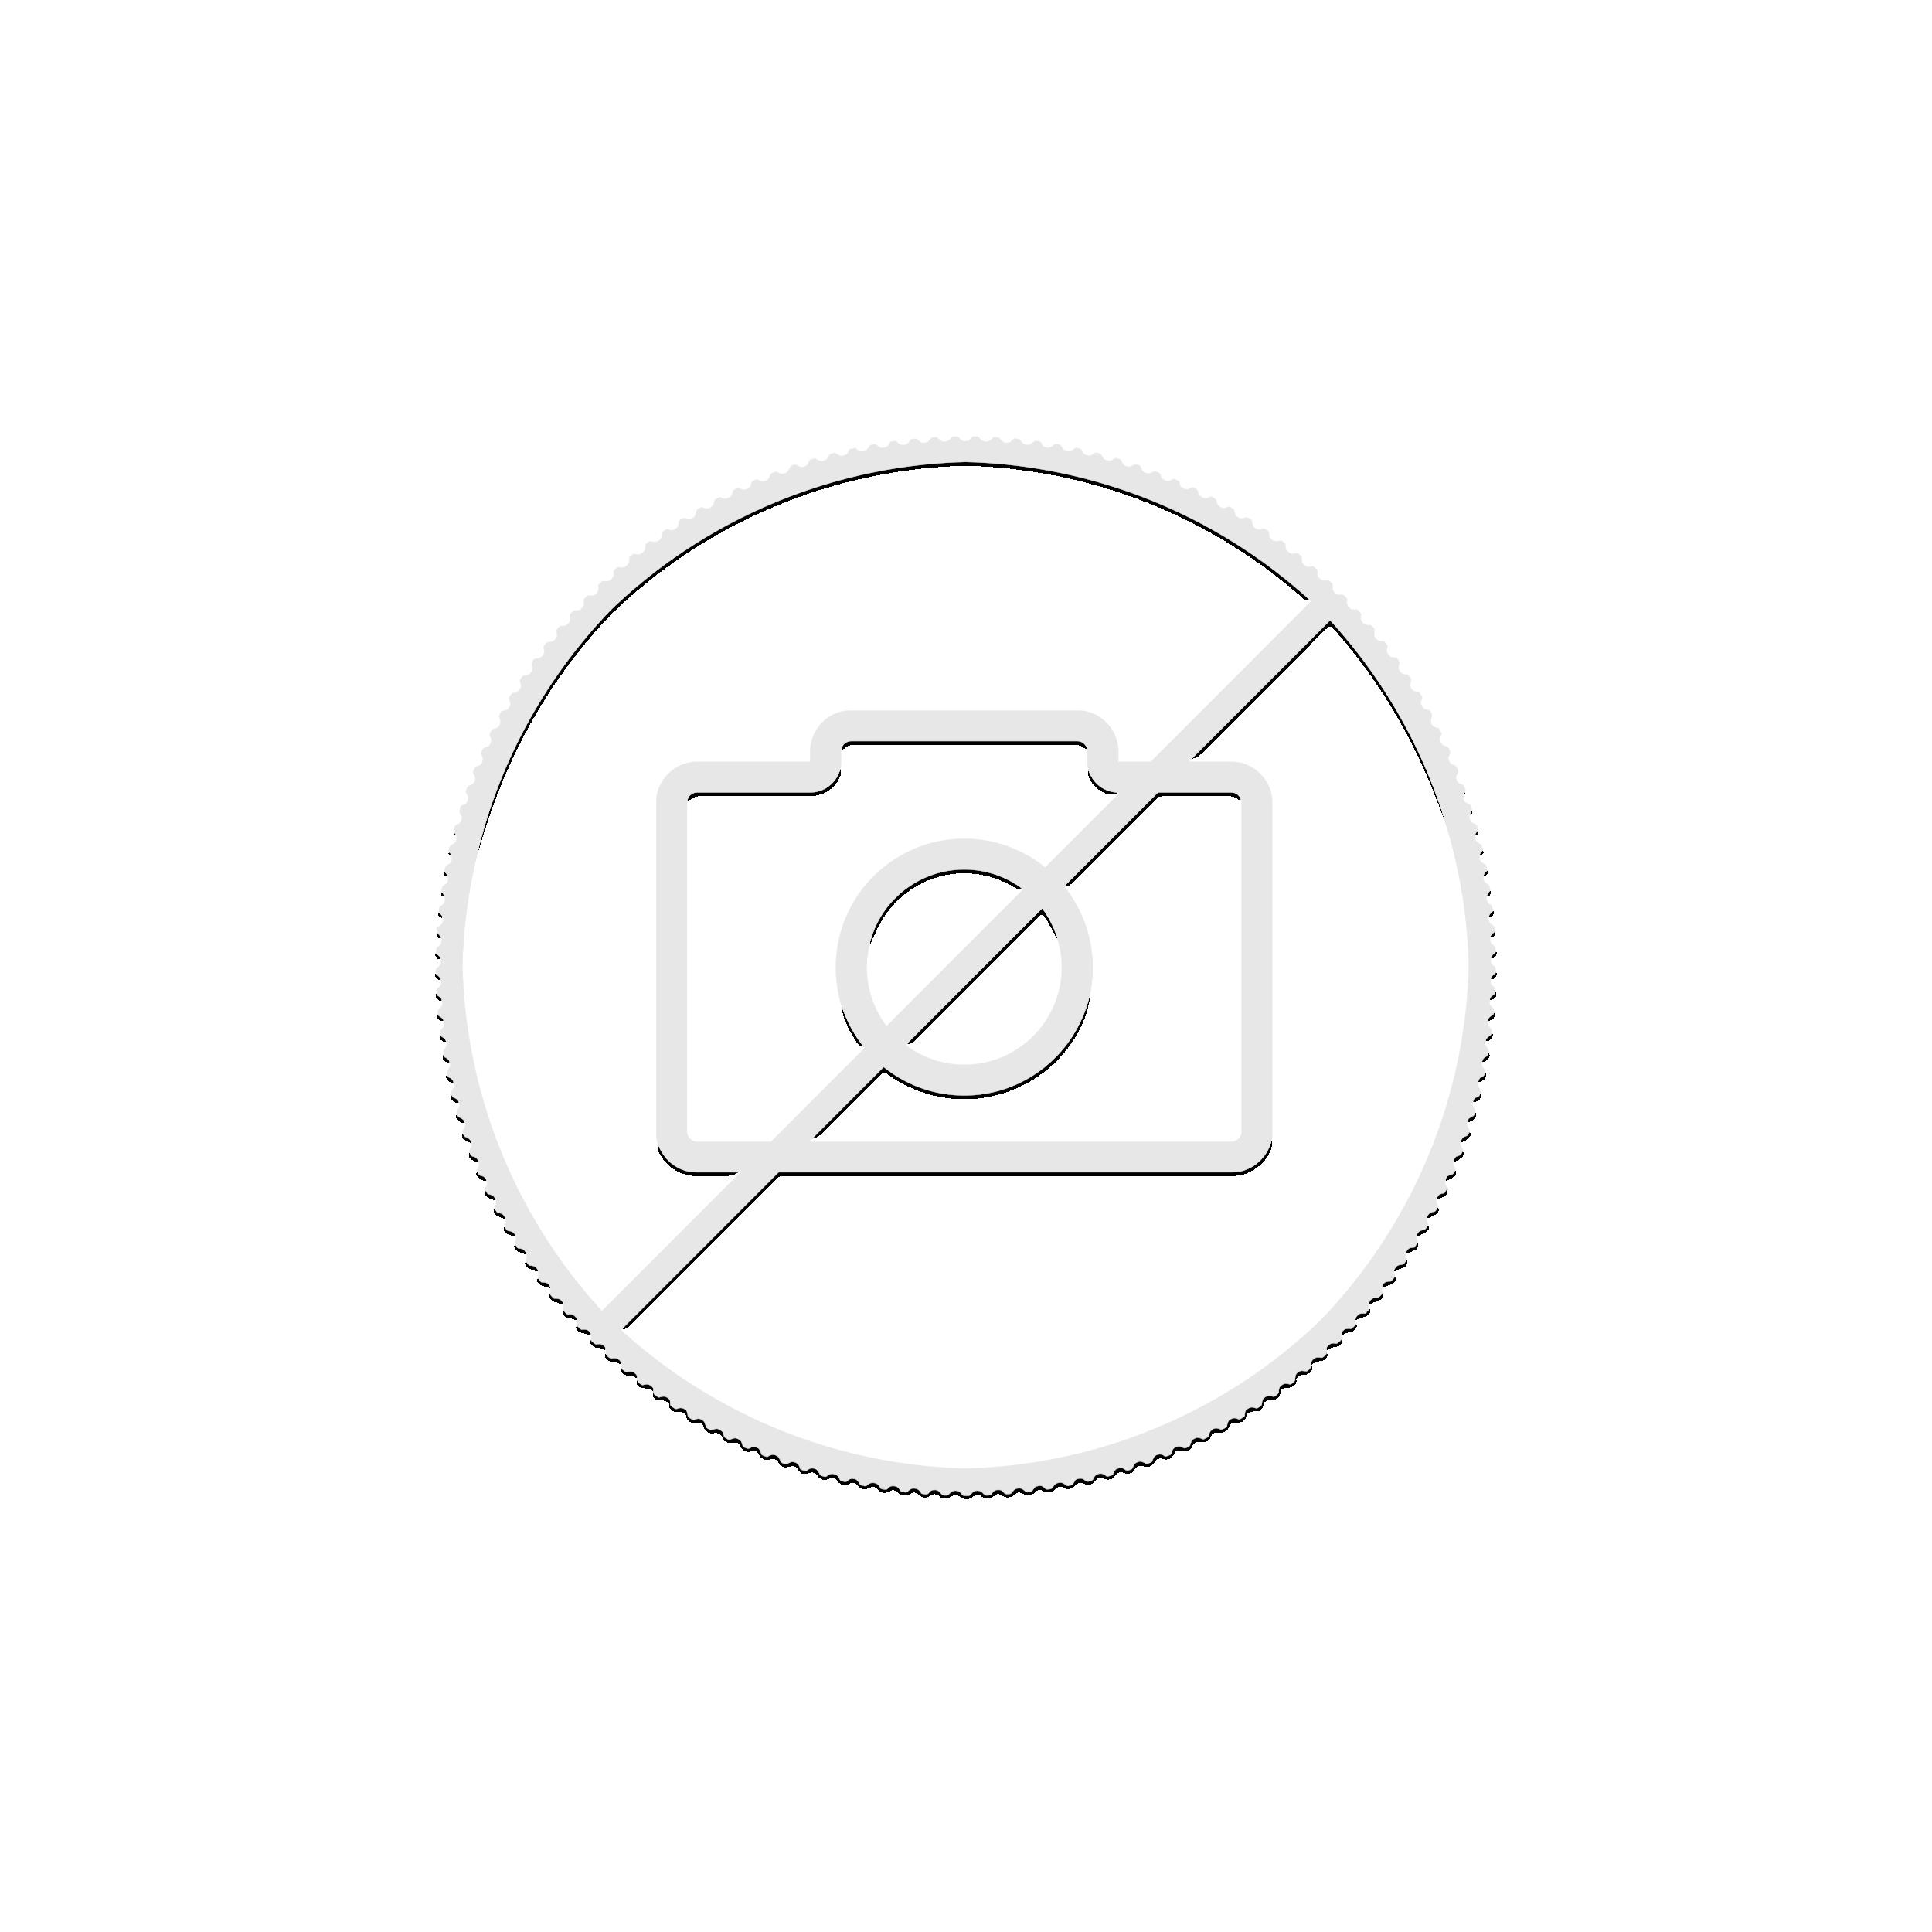 Goudbaar 25 x 1 gram Pamp Suisse multigram